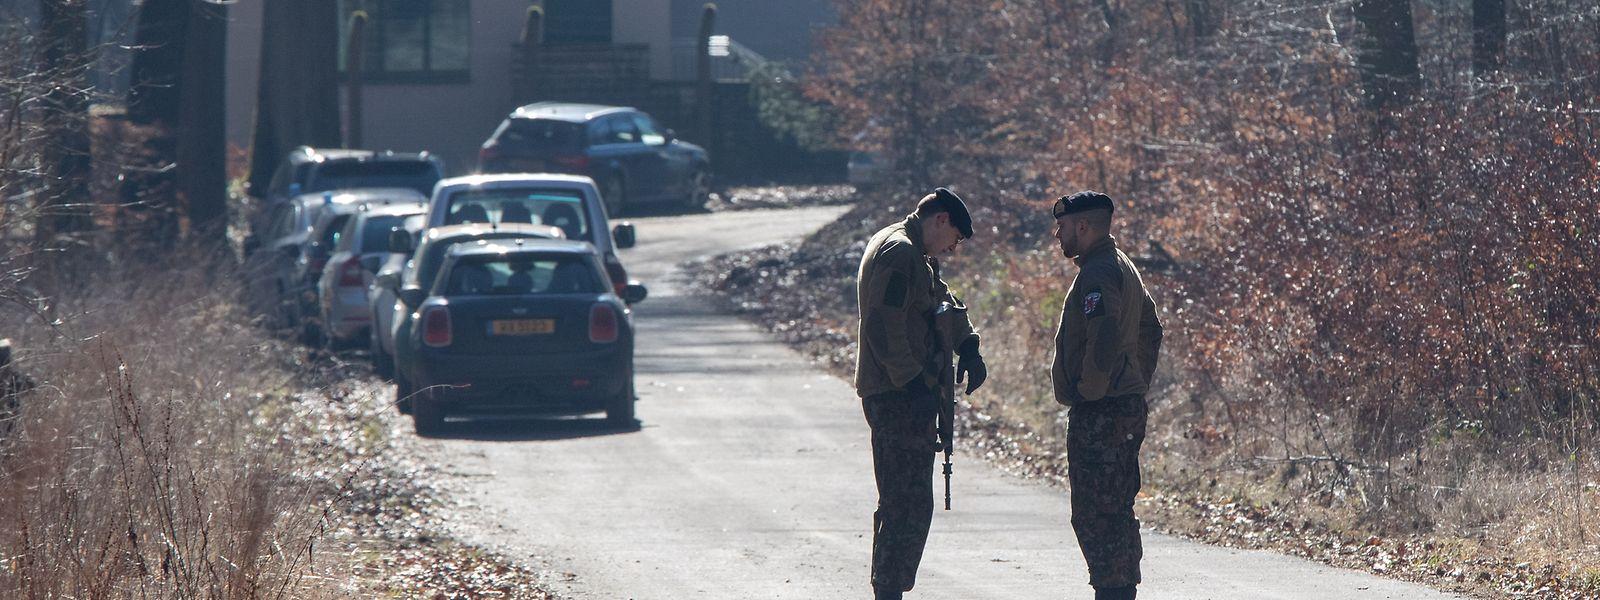 Das Unglück ereignete sich am 14. Februar auf dem Gelände des Munitionslagers der Luxemburger Armee. Es dient auch als Stützpunkt für den Kampfmittelräumdienst.